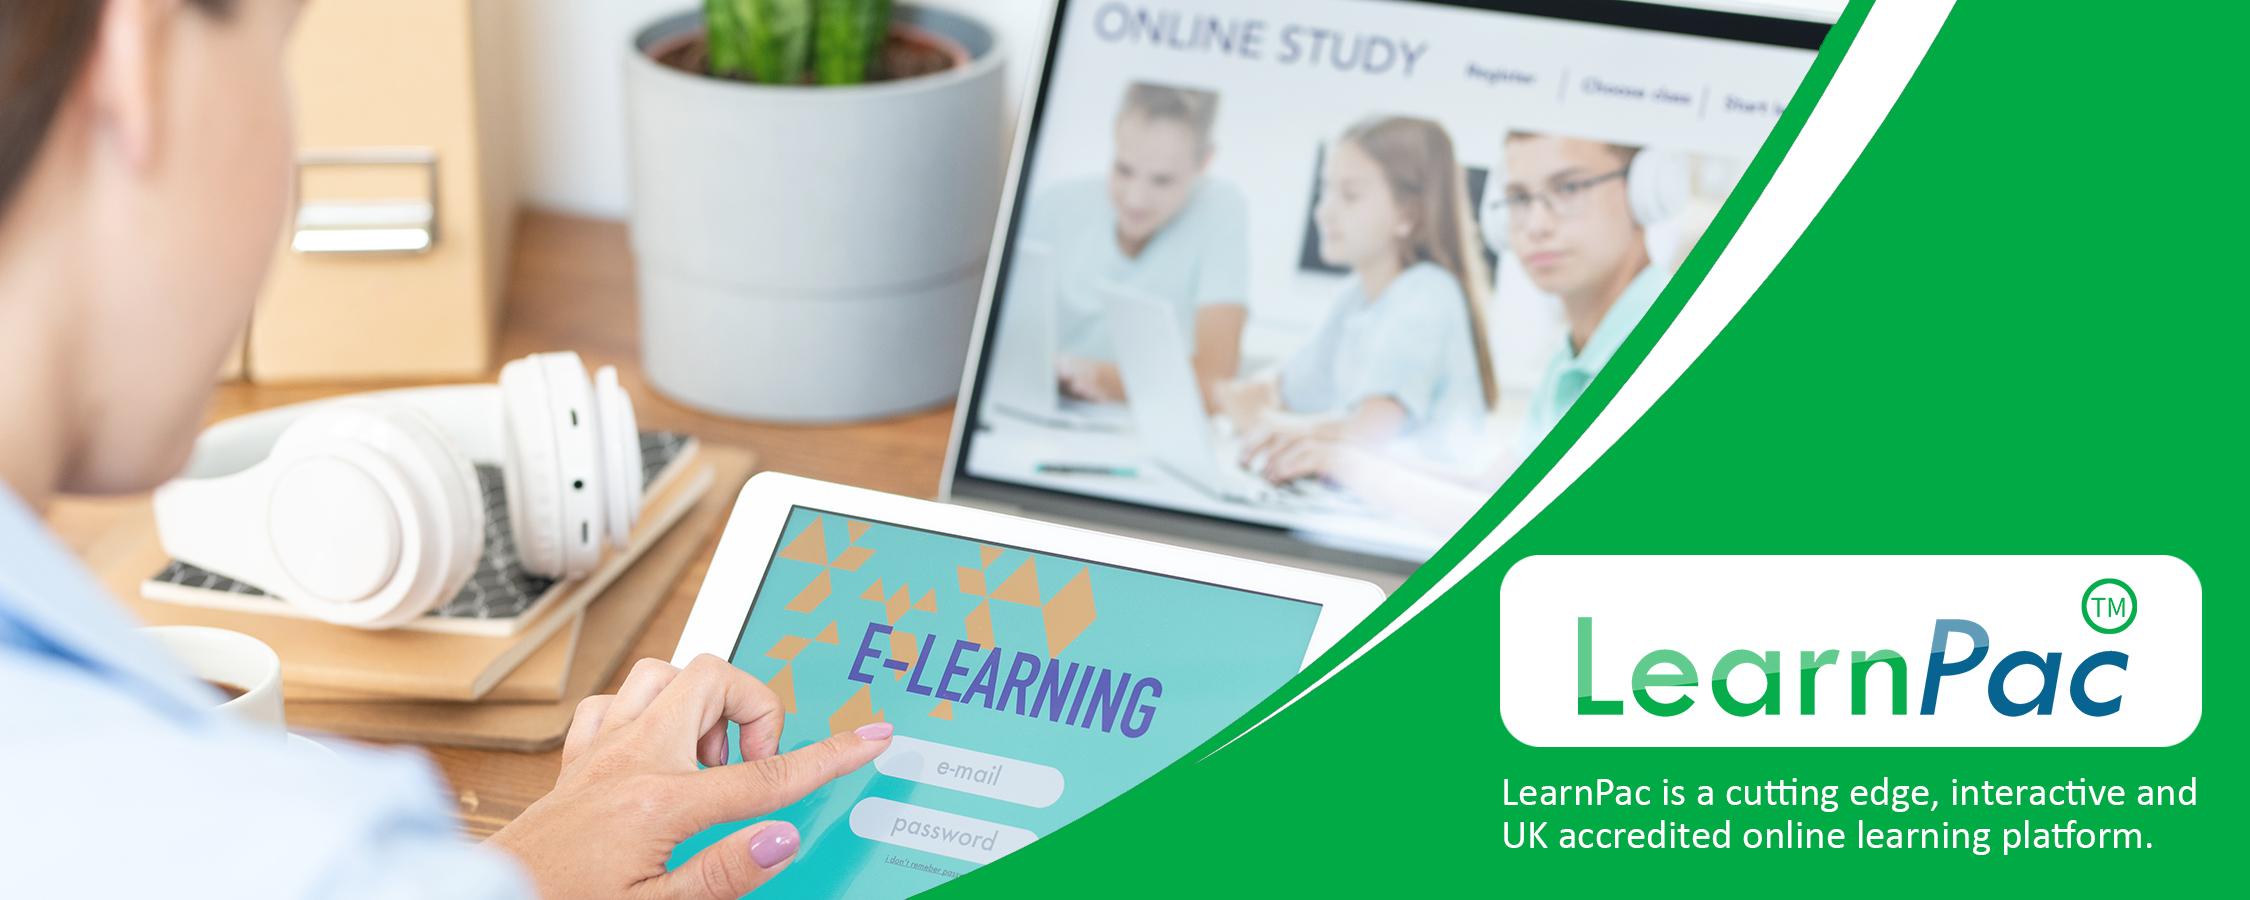 Internet Marketing Fundamentals - Online Learning Courses - E-Learning Courses - LearnPac Systems UK -